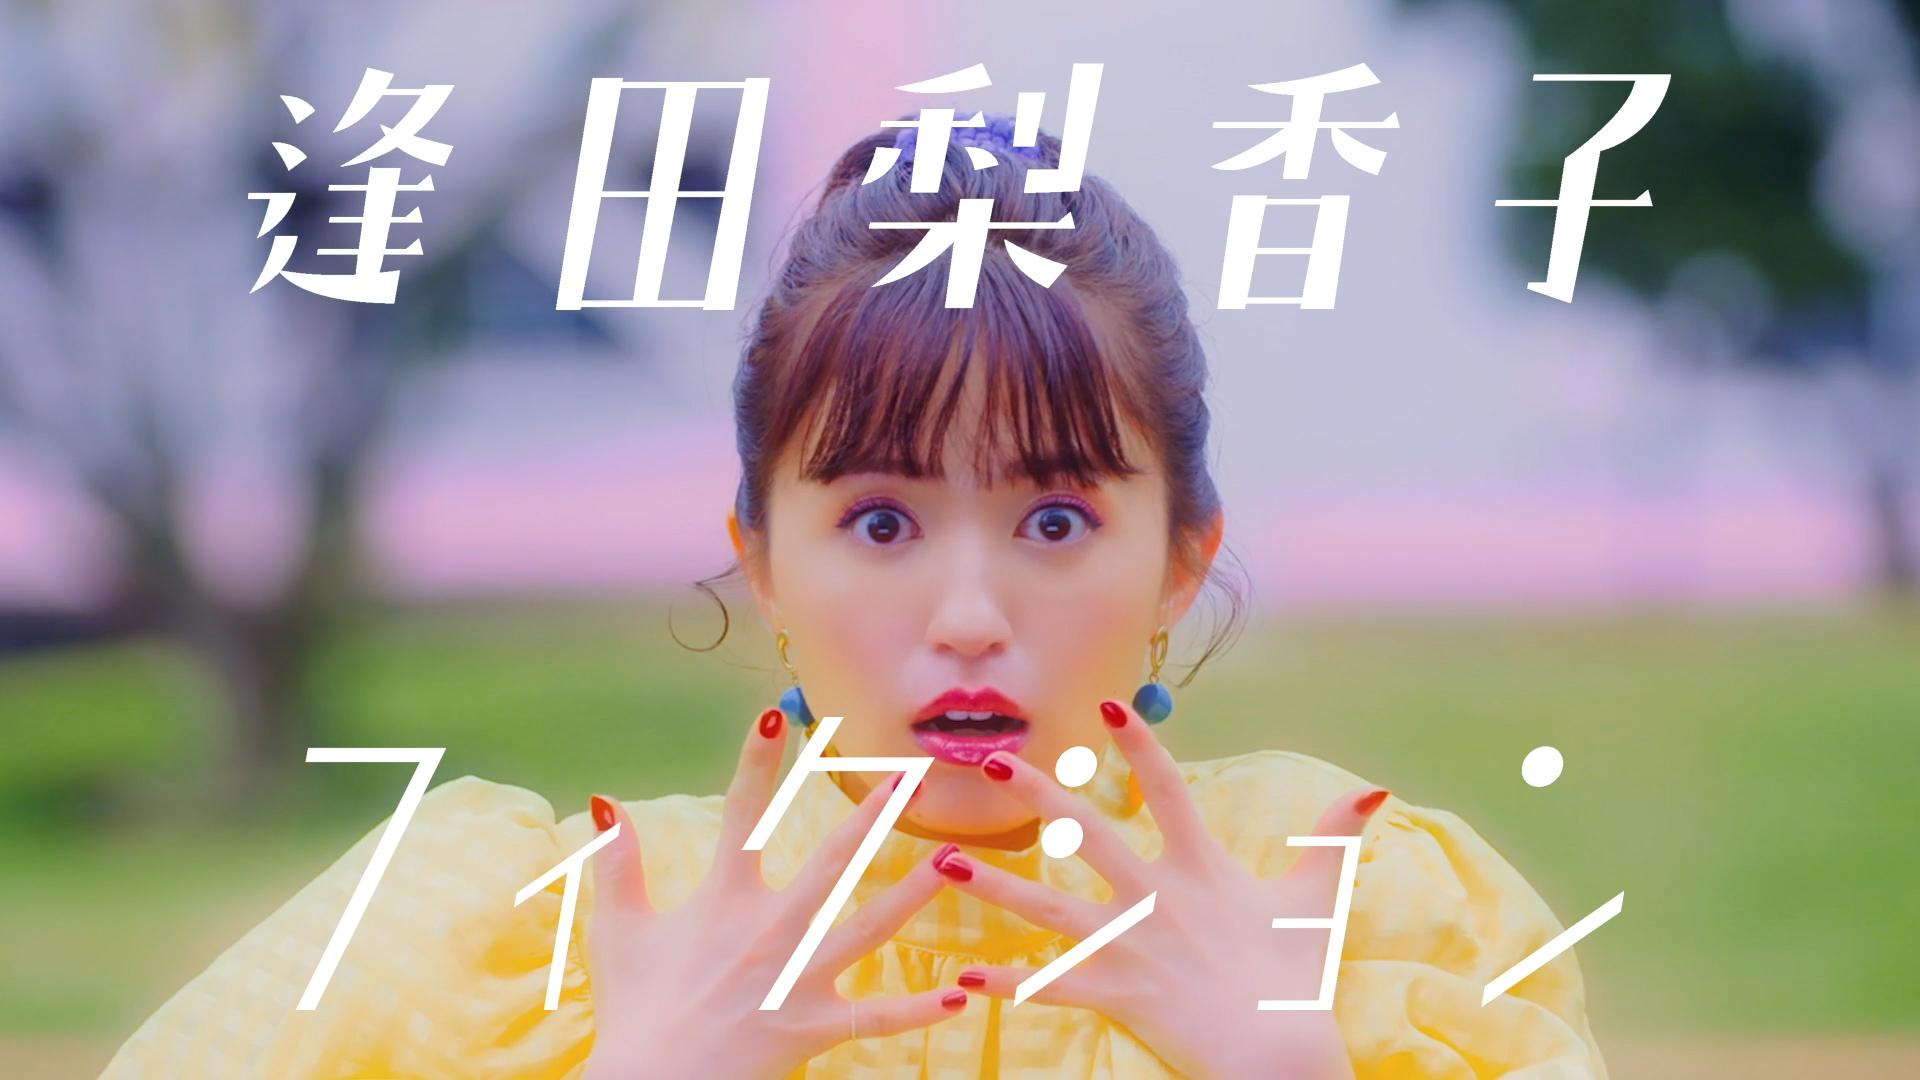 逢田梨香子 2nd EP「フィクション」初回限定盤 DVDTrailer